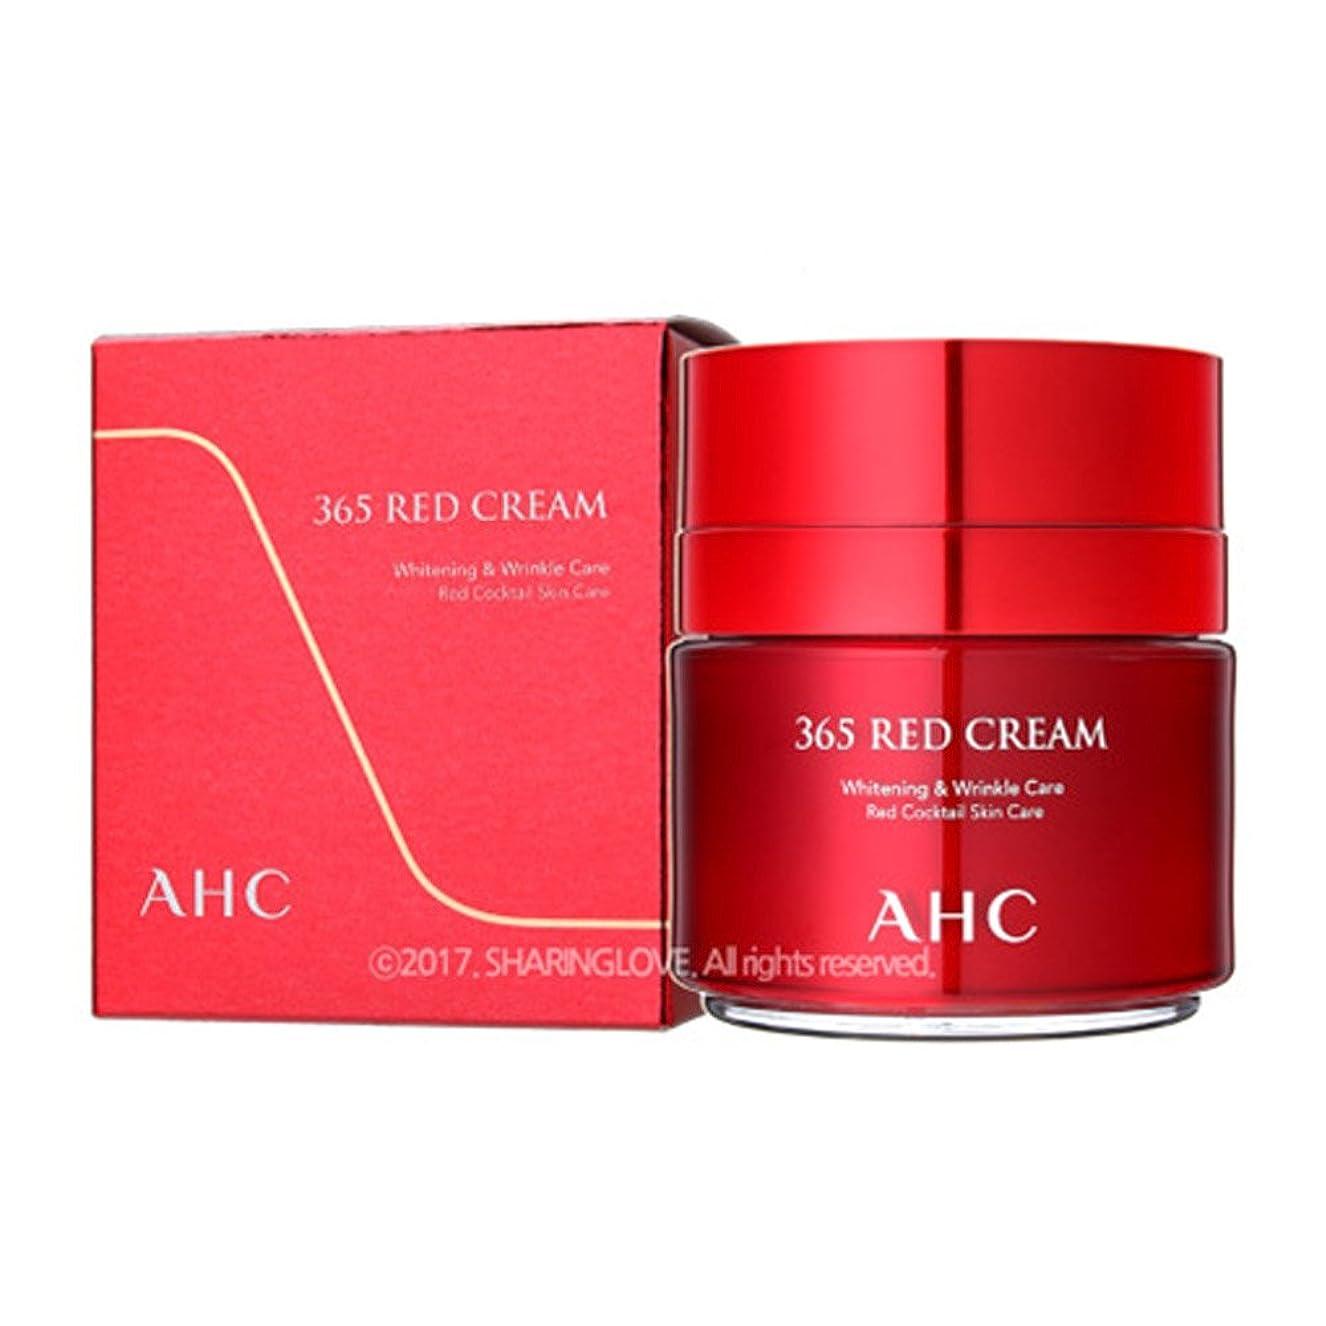 メダルオープニング高くAHC 365 Red Cream 1.7 Fl Oz(50ml) - Whitening & Wrinkle Care / Red Cocktail Skin Care